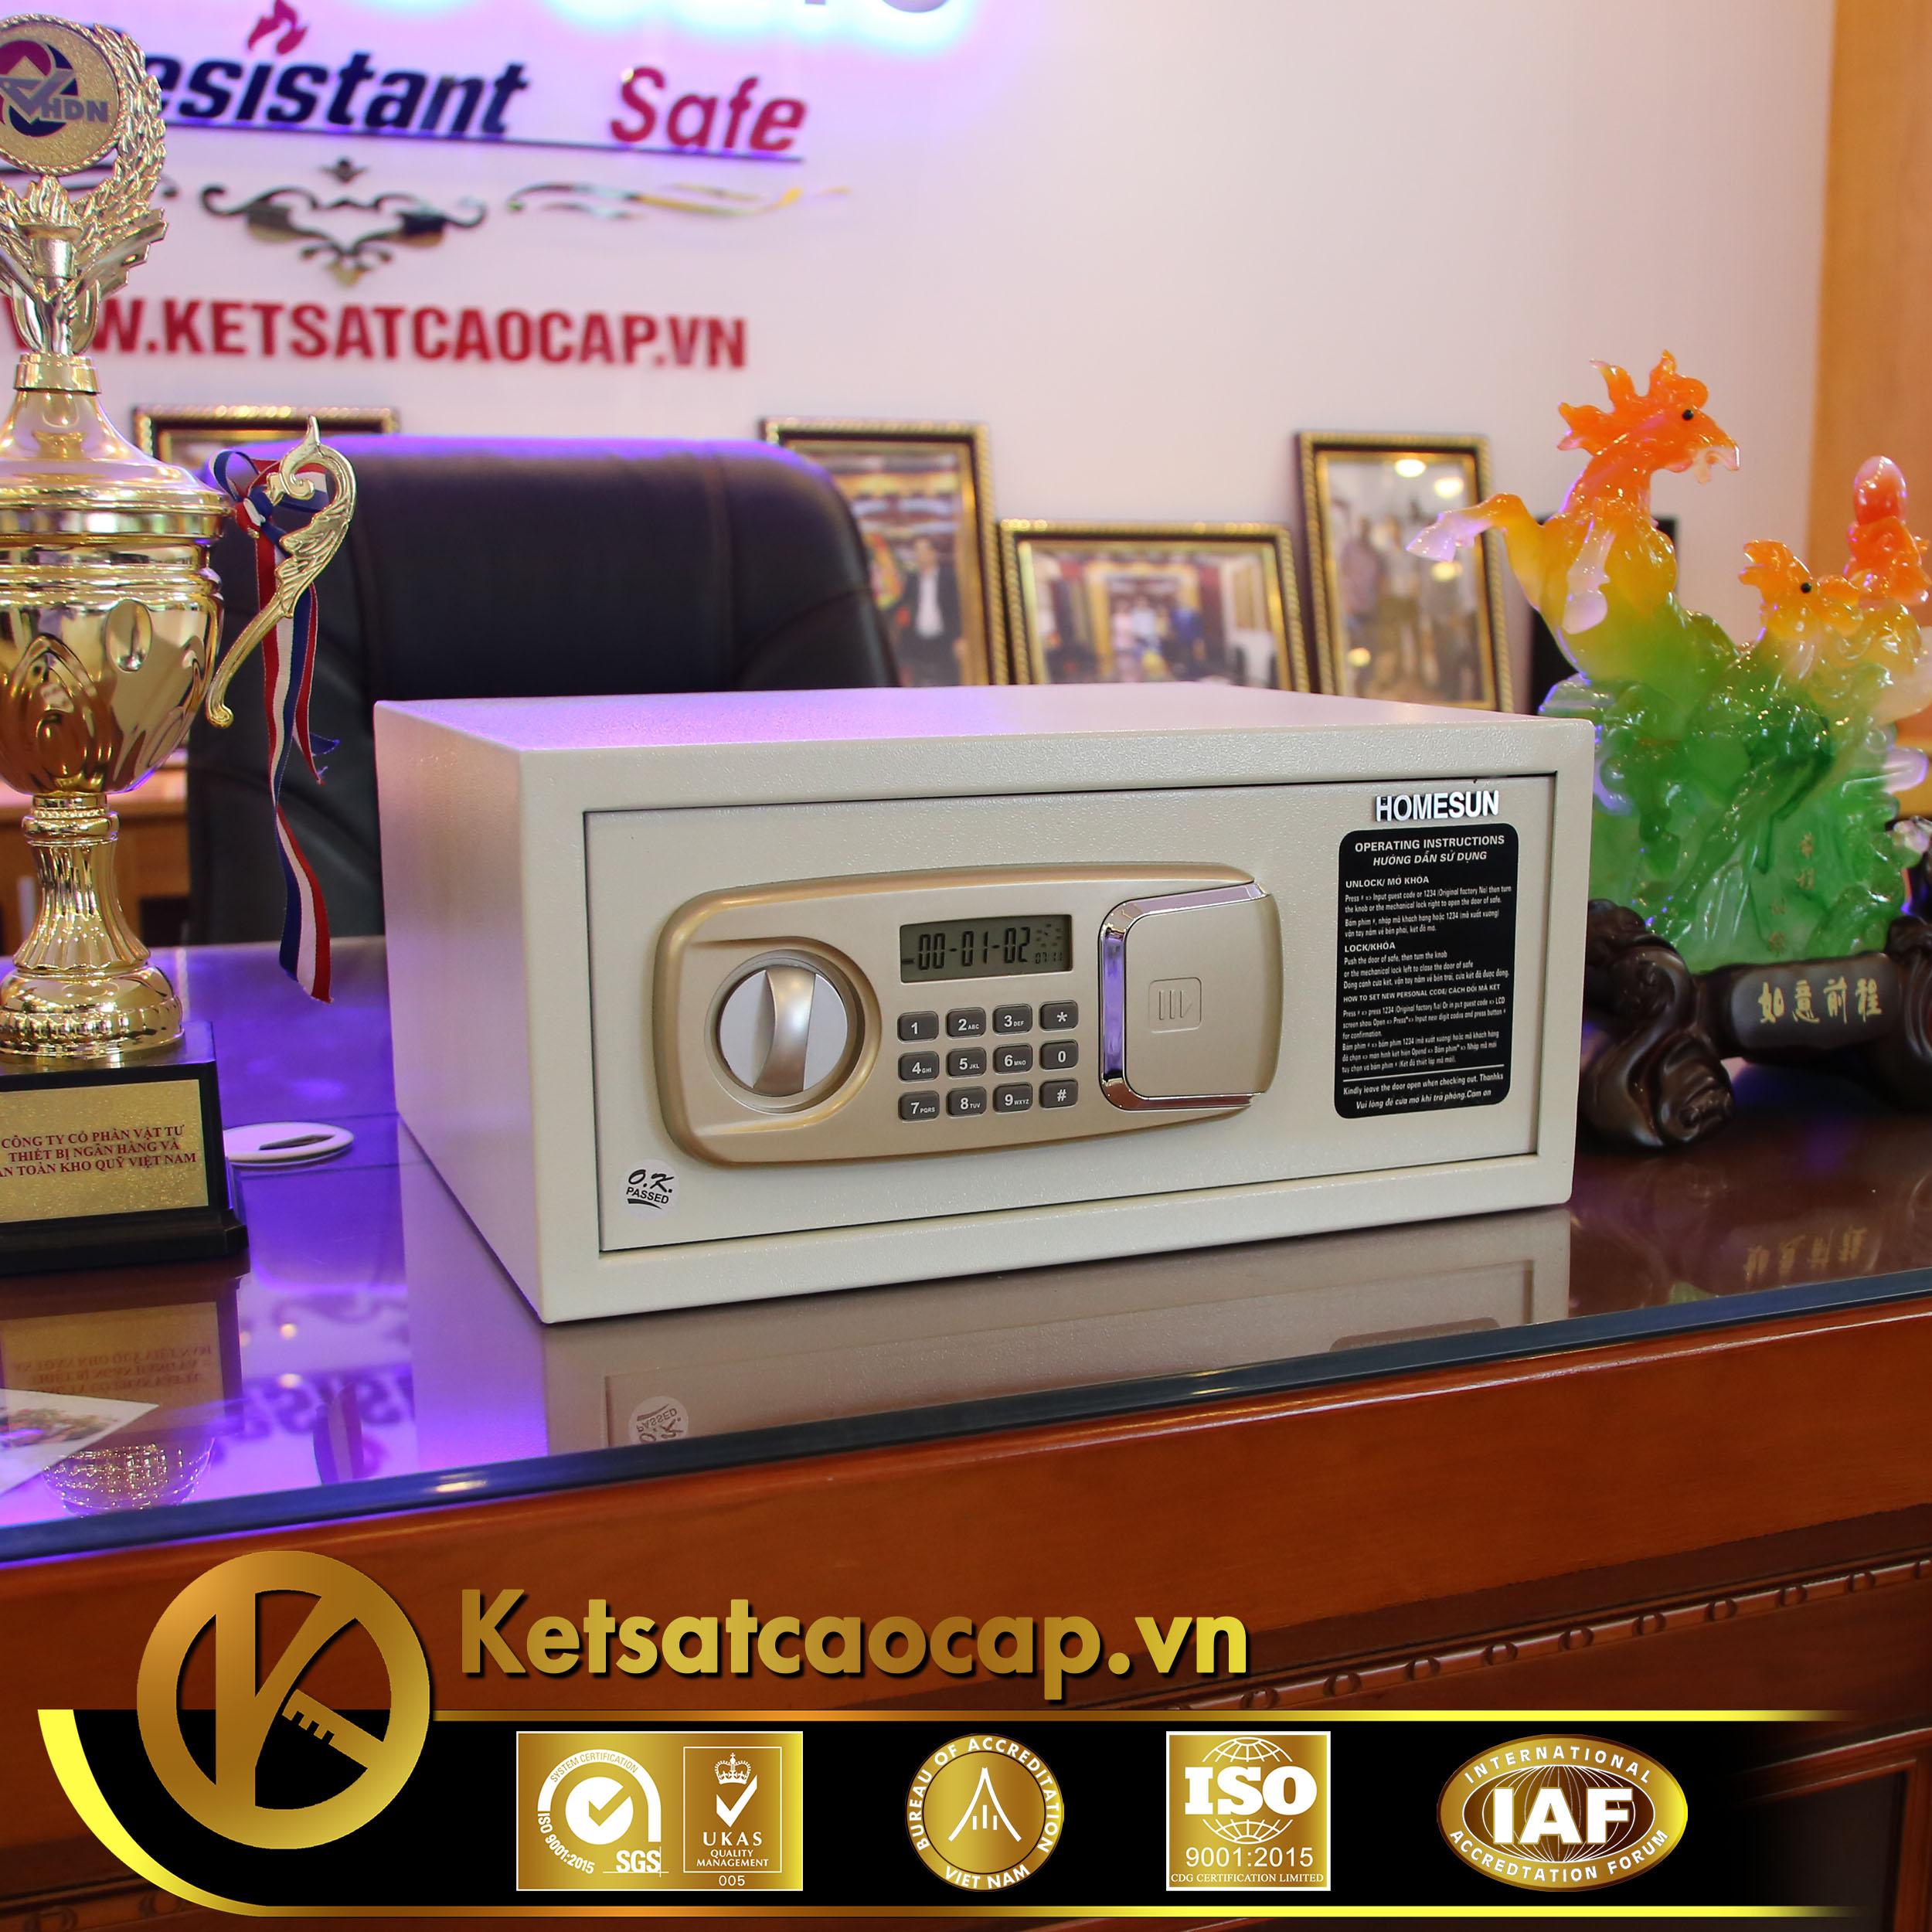 đặc điểm sản phẩm Két sắt khách sạn KS25-GOLD-PNT